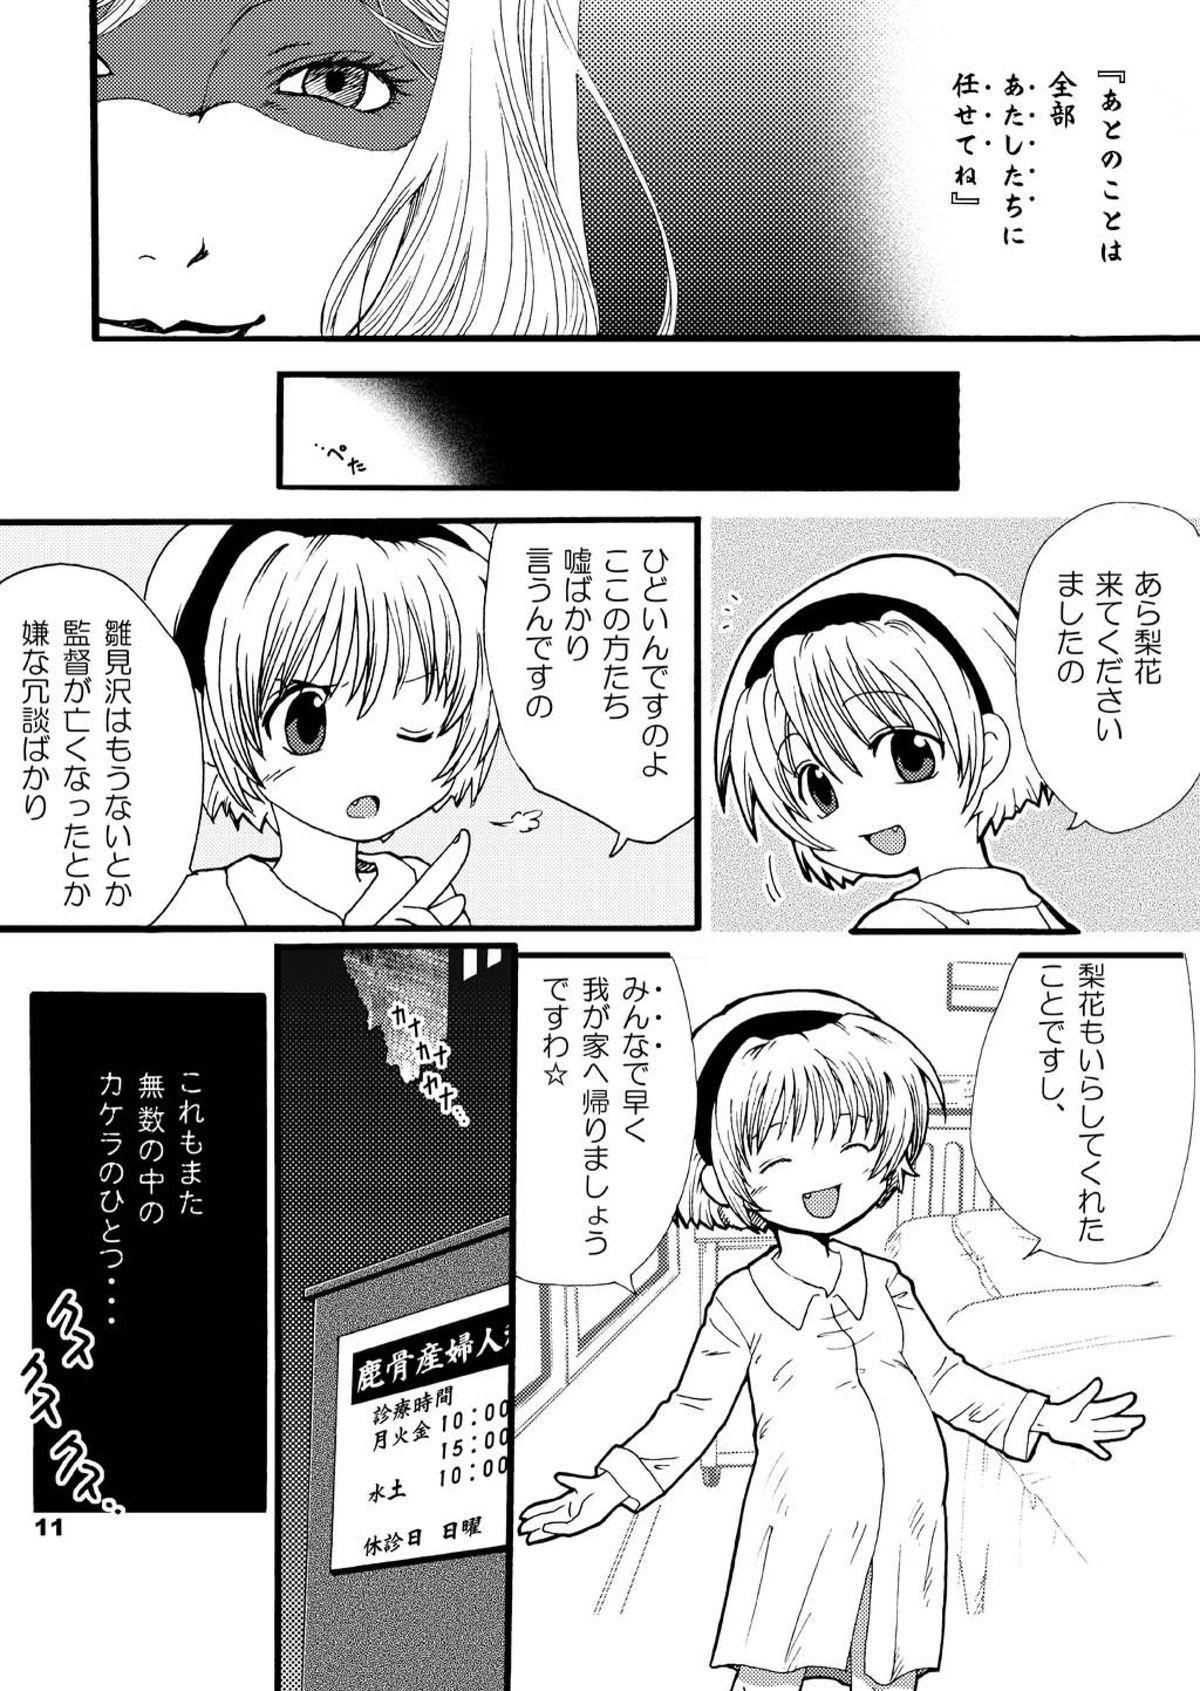 [Yakou Yousei (Mizuki Yuu)] Higurashi no Koe, Ima wa Tae Kai - Onimawashi-hen (Higurashi no naku koro ni) [Digital] 10